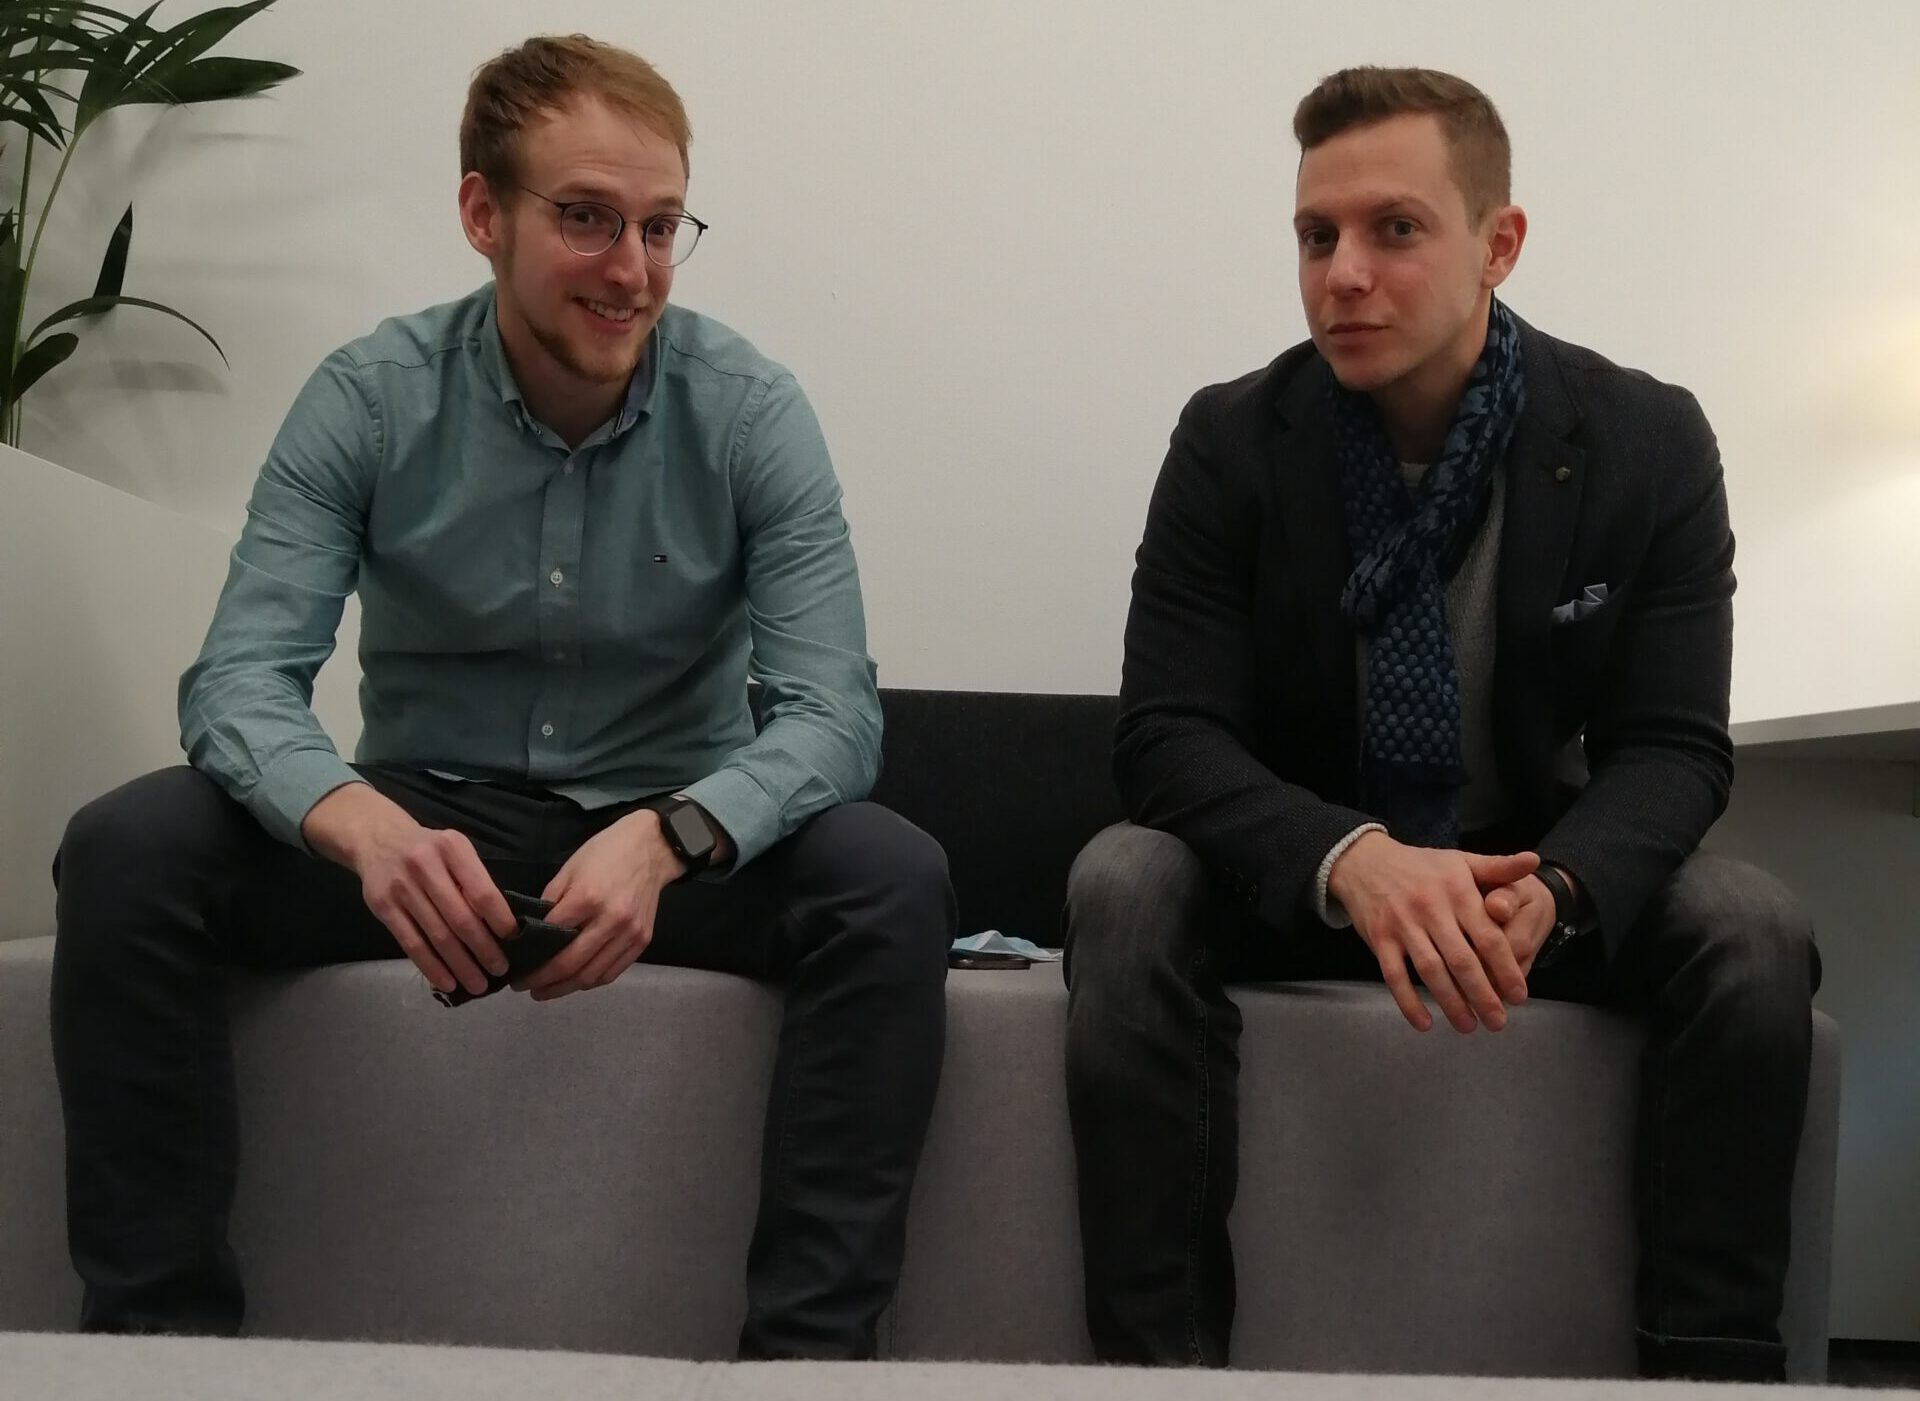 zwei Männer nebeneinander